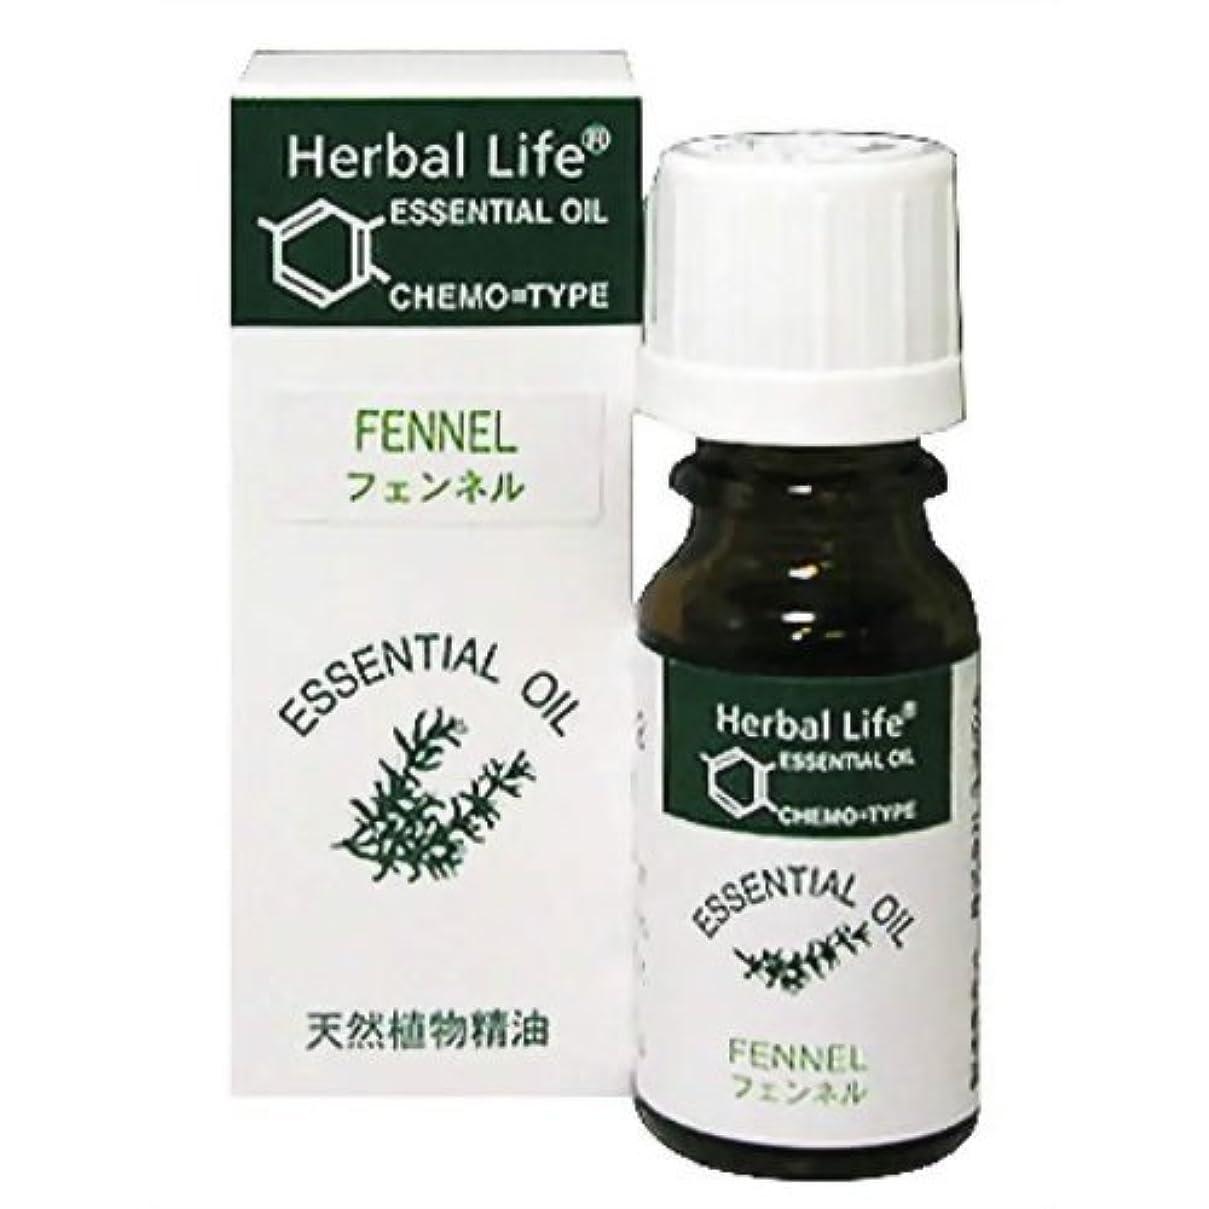 カンガルー適合十代Herbal Life フェンネル 10ml